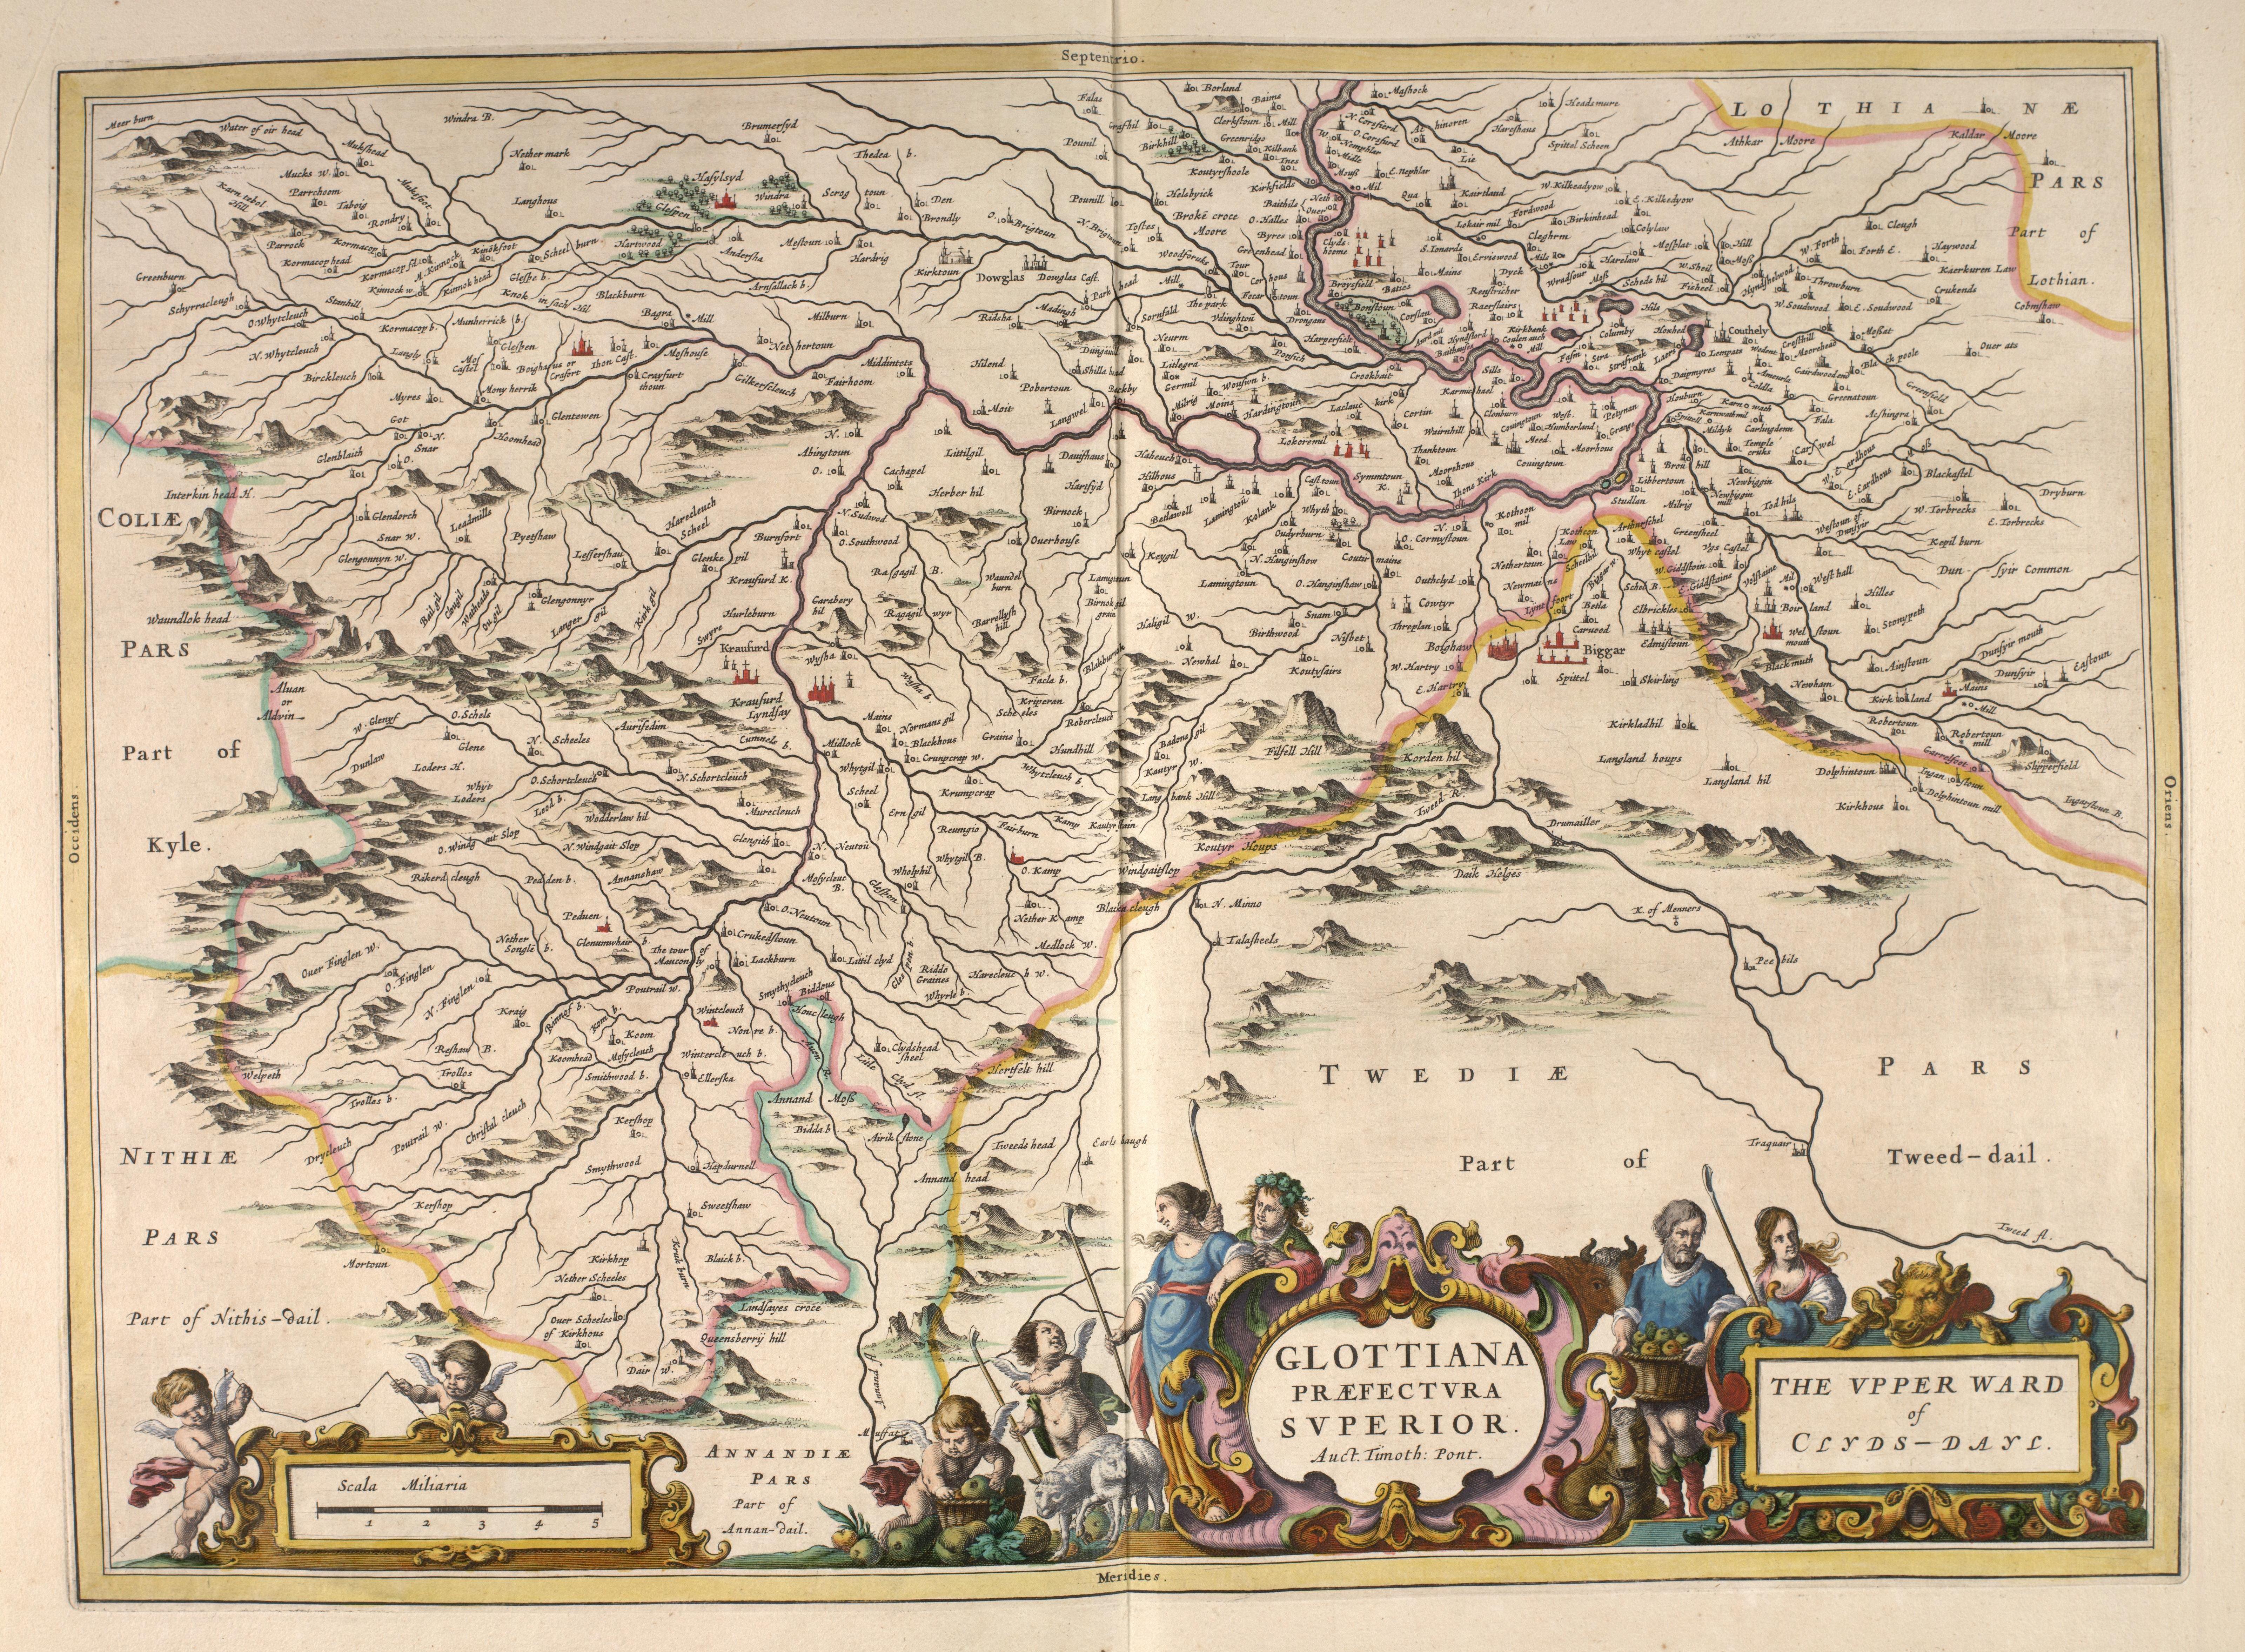 File:Blaeu - Atlas of Scotland 1654 - GLOTTIANA PRÆFECTVRA SVPERIOR - Upper  Clydesdale.